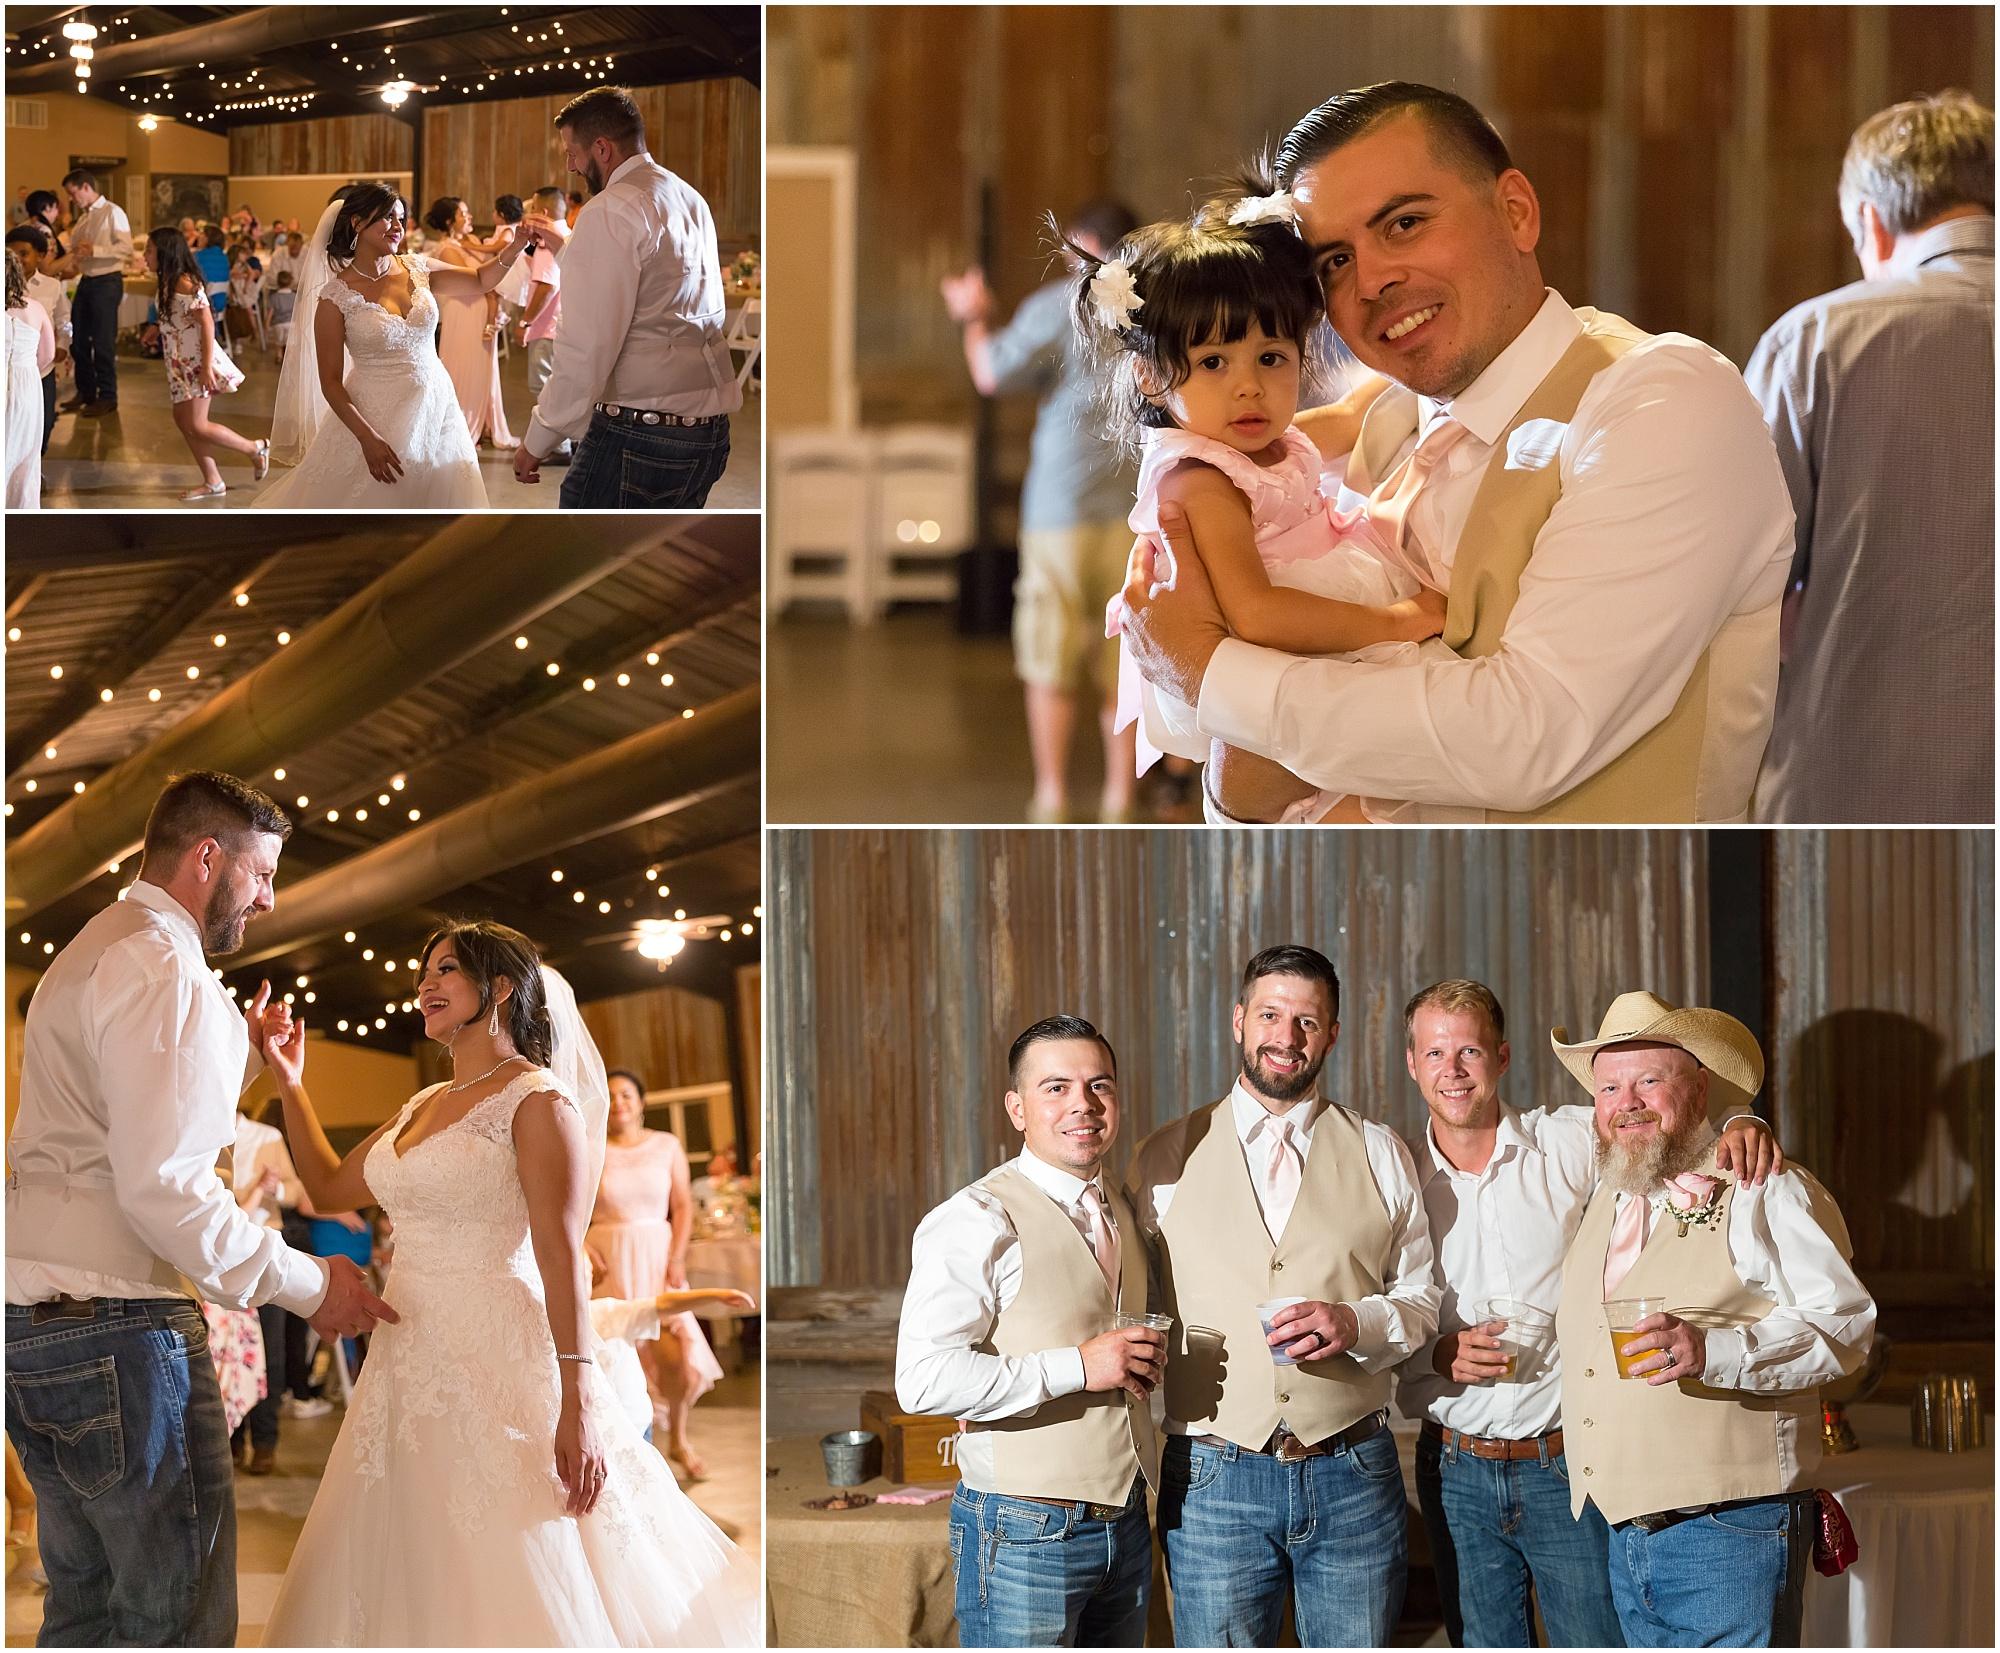 Wedding reception photography - Jason & Melaina Photography - www.jasonandmelaina.com